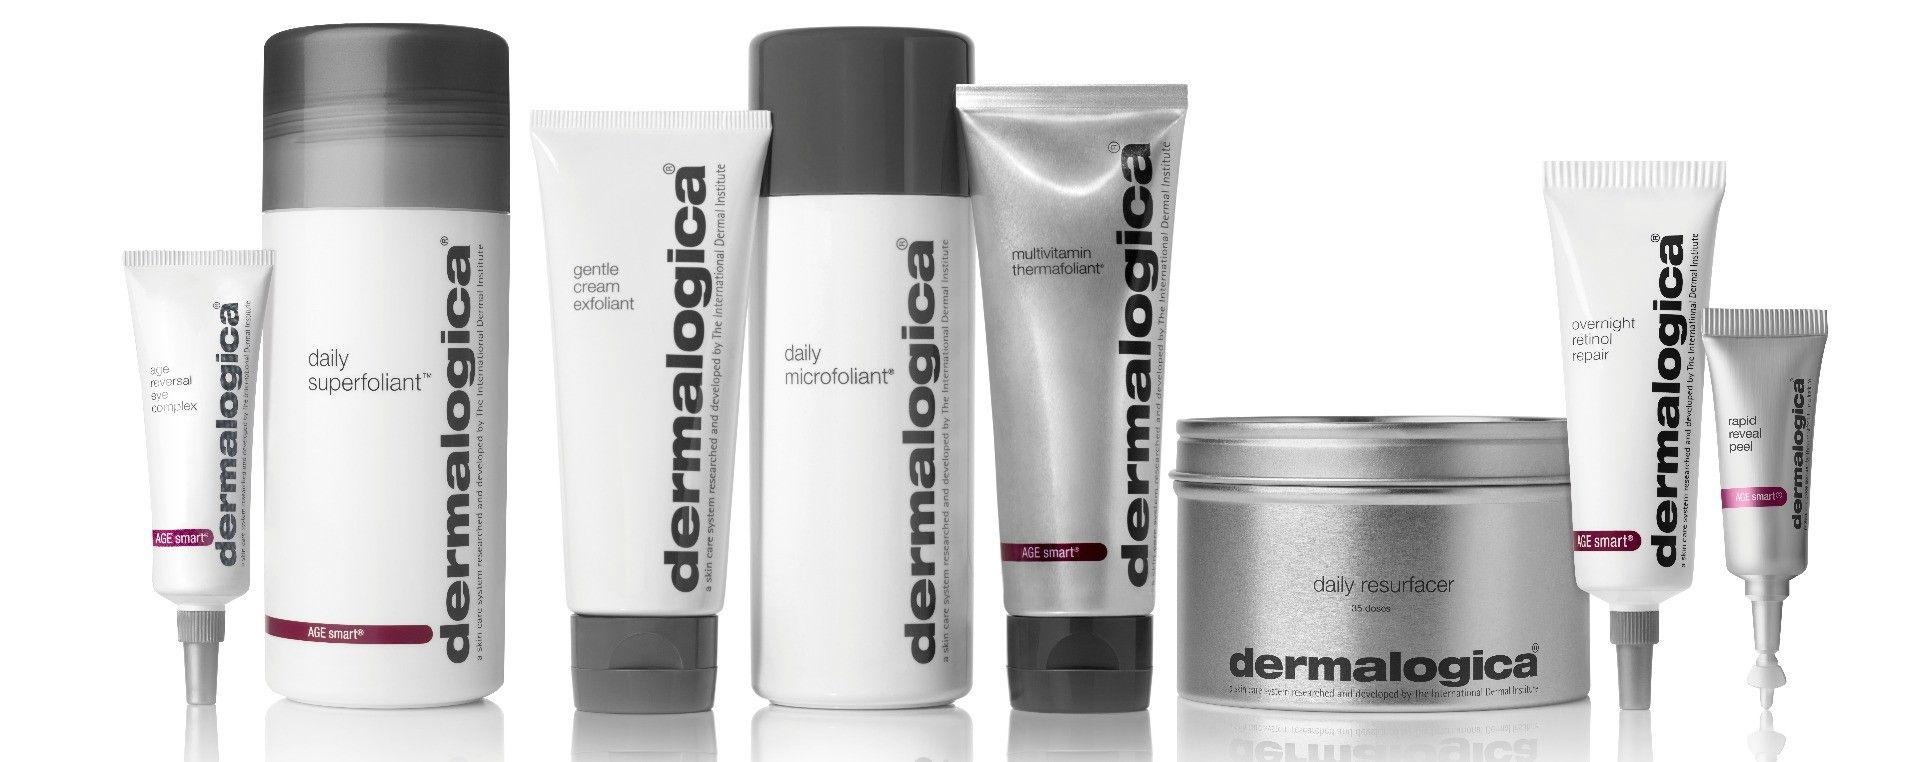 Overzicht Dermalogica exfoliant producten